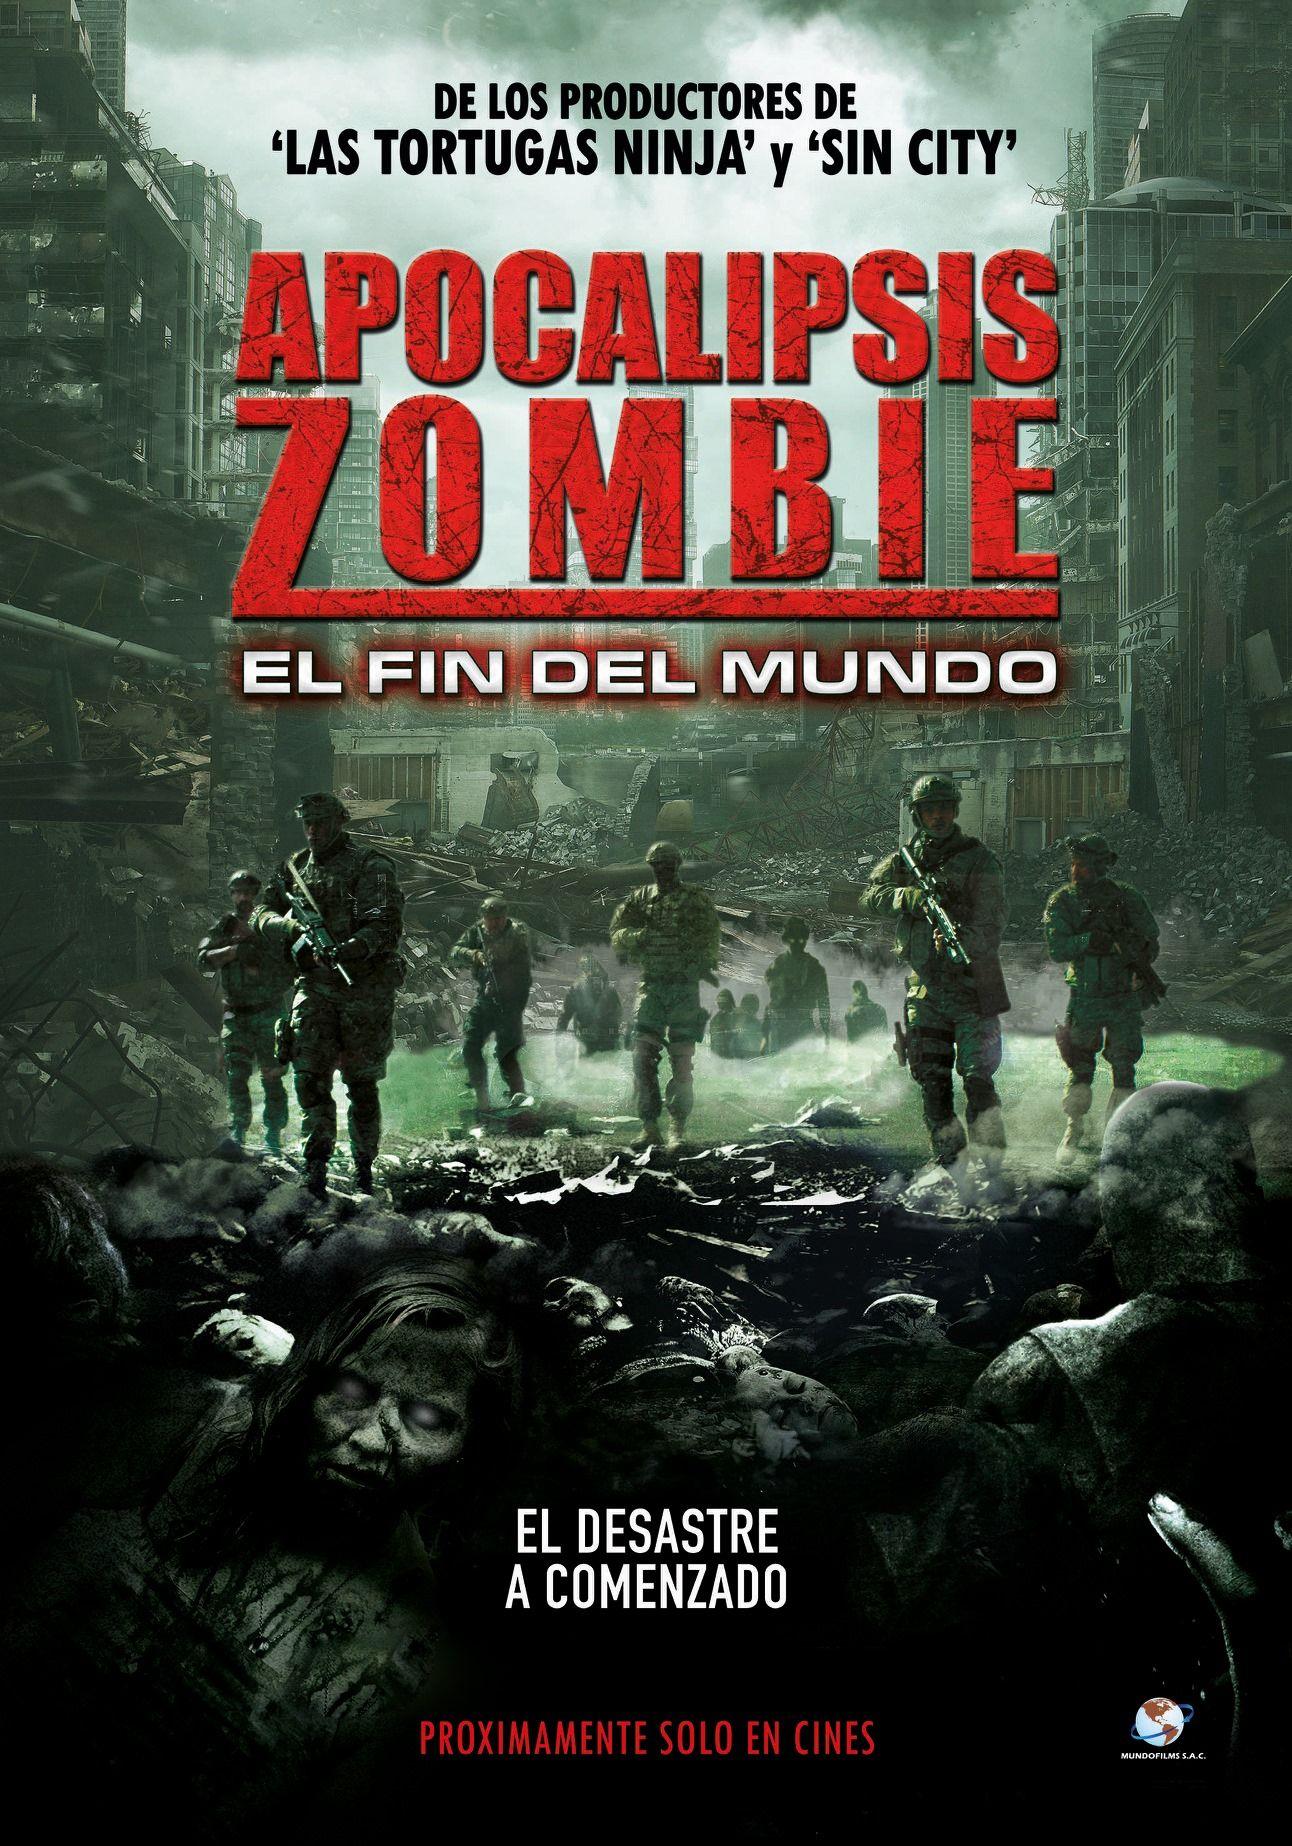 Apocalipsis Zombie El Fin Del Mundo Estreno En Perú Fin Del Mundo Apocalipsis Apocalipsis Fin Del Mundo